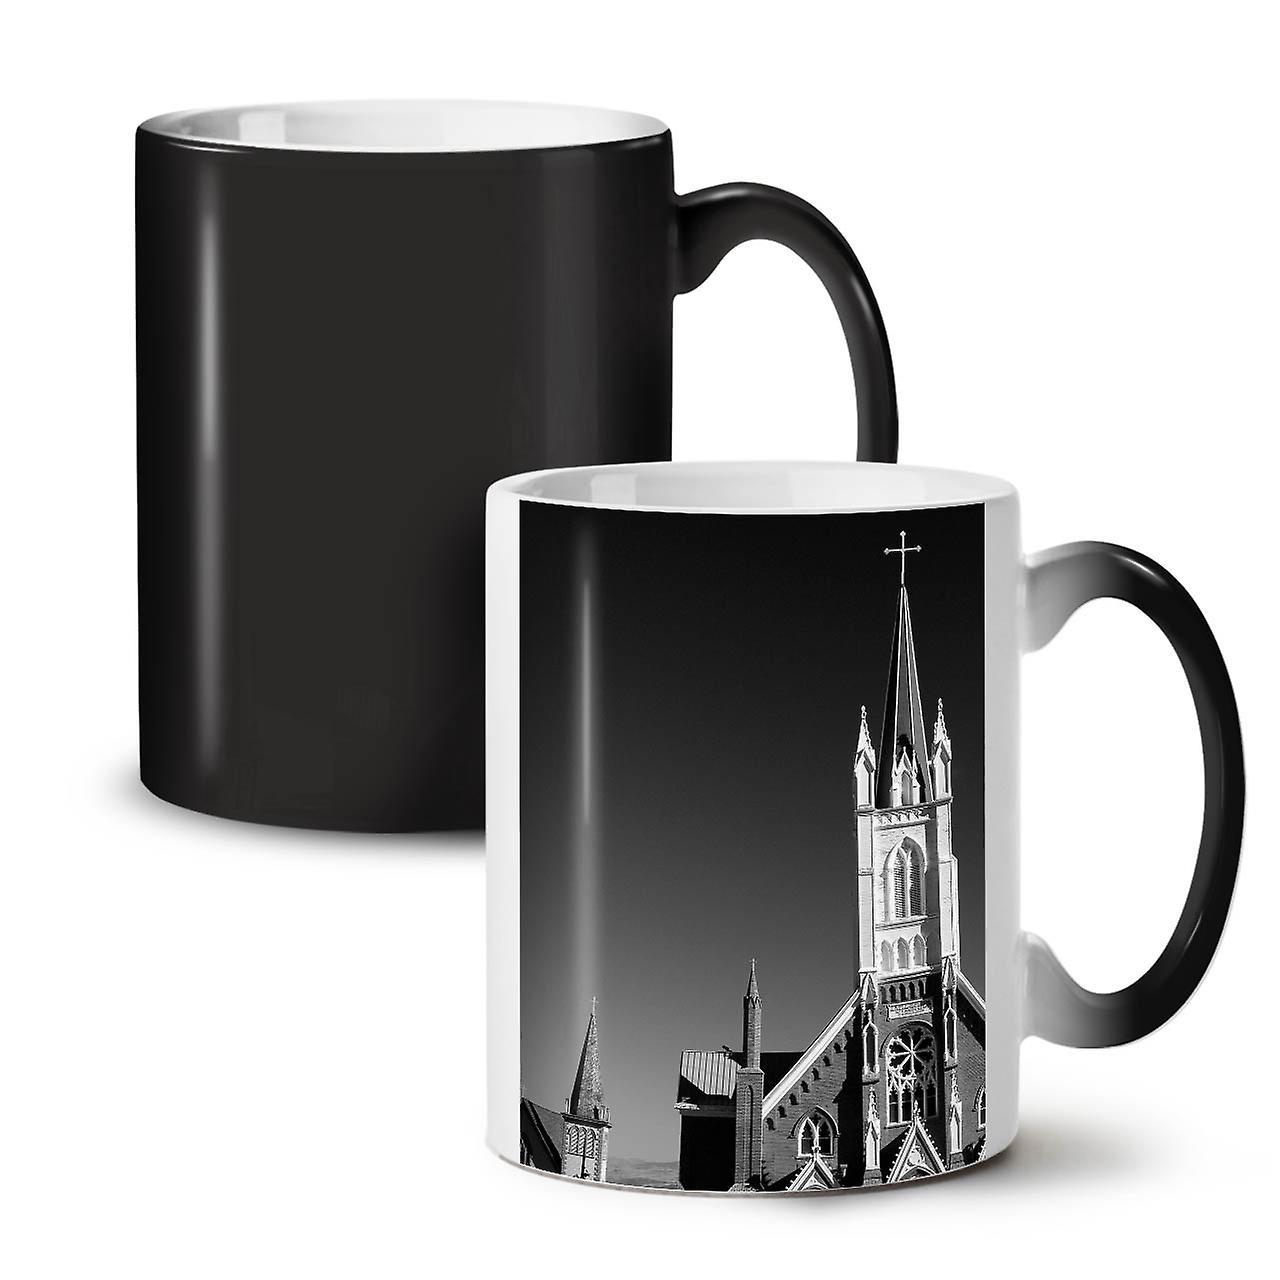 Colour Coffee Changing Tea Mug 11 New Christianity Church Black Ceramic OzWellcoda yN8mn0wOvP